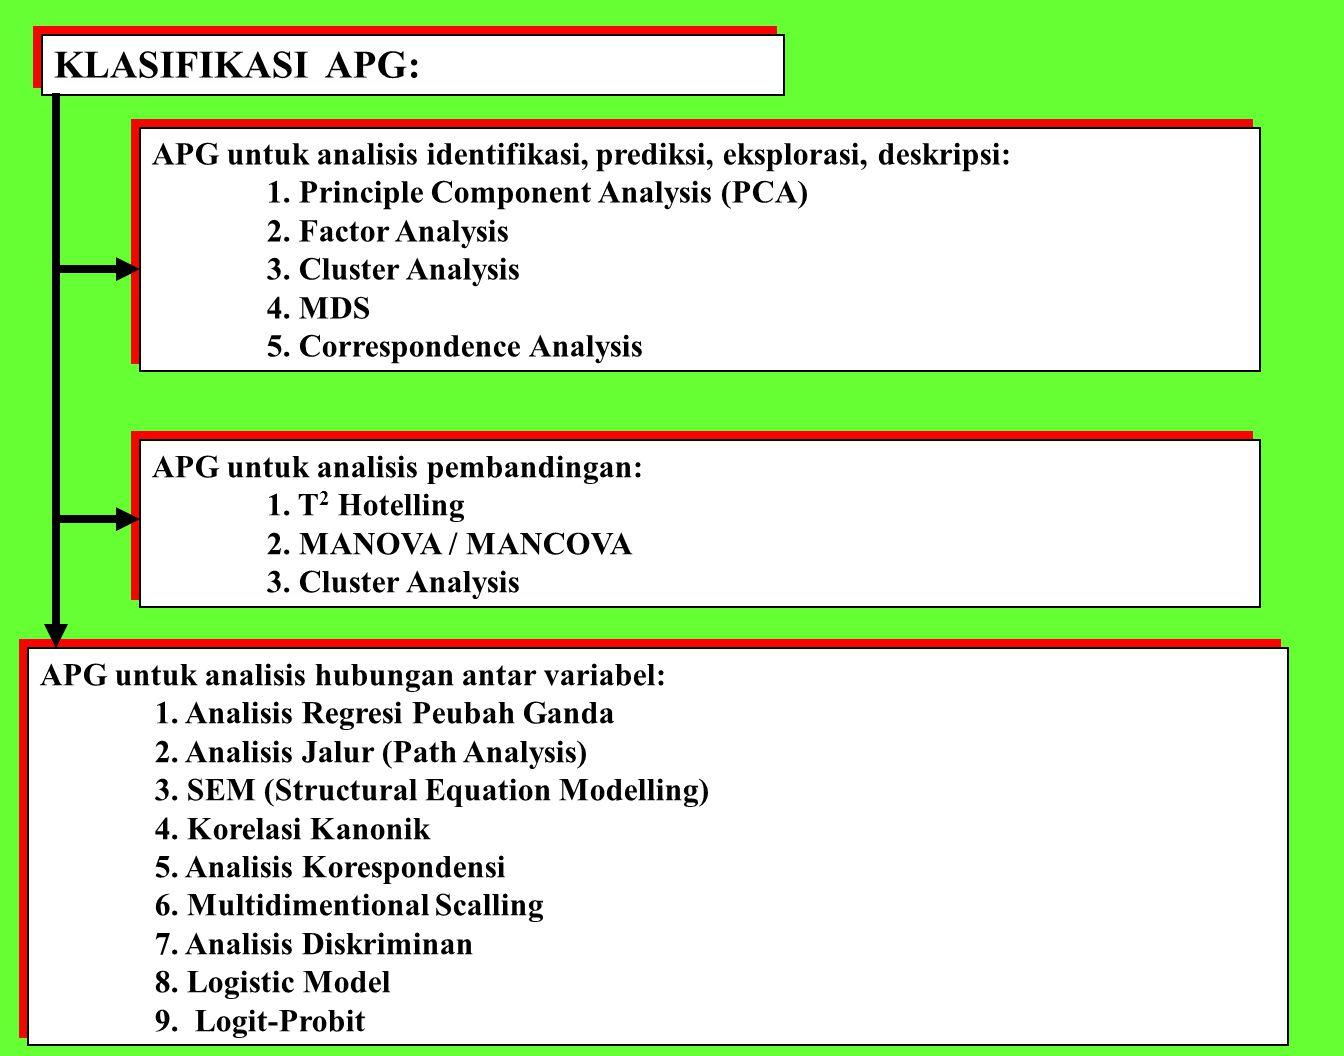 KLASIFIKASI APG: APG untuk analisis identifikasi, prediksi, eksplorasi, deskripsi: 1. Principle Component Analysis (PCA)